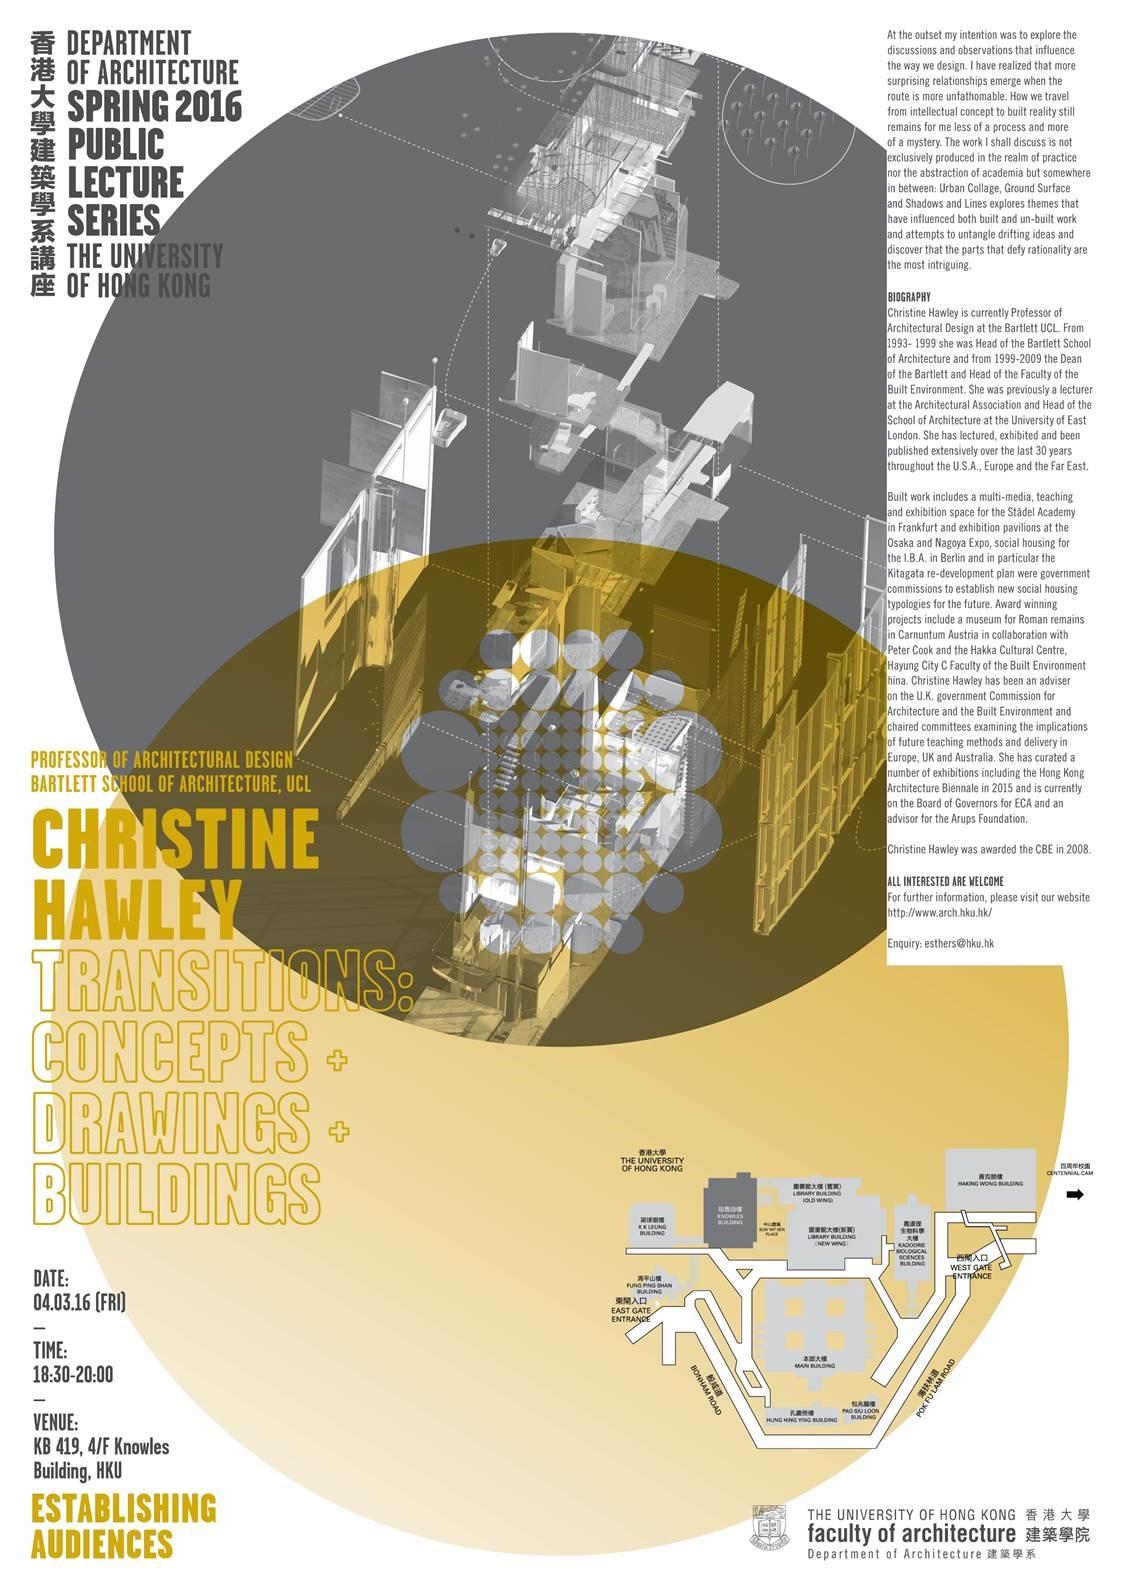 Christine Hawley